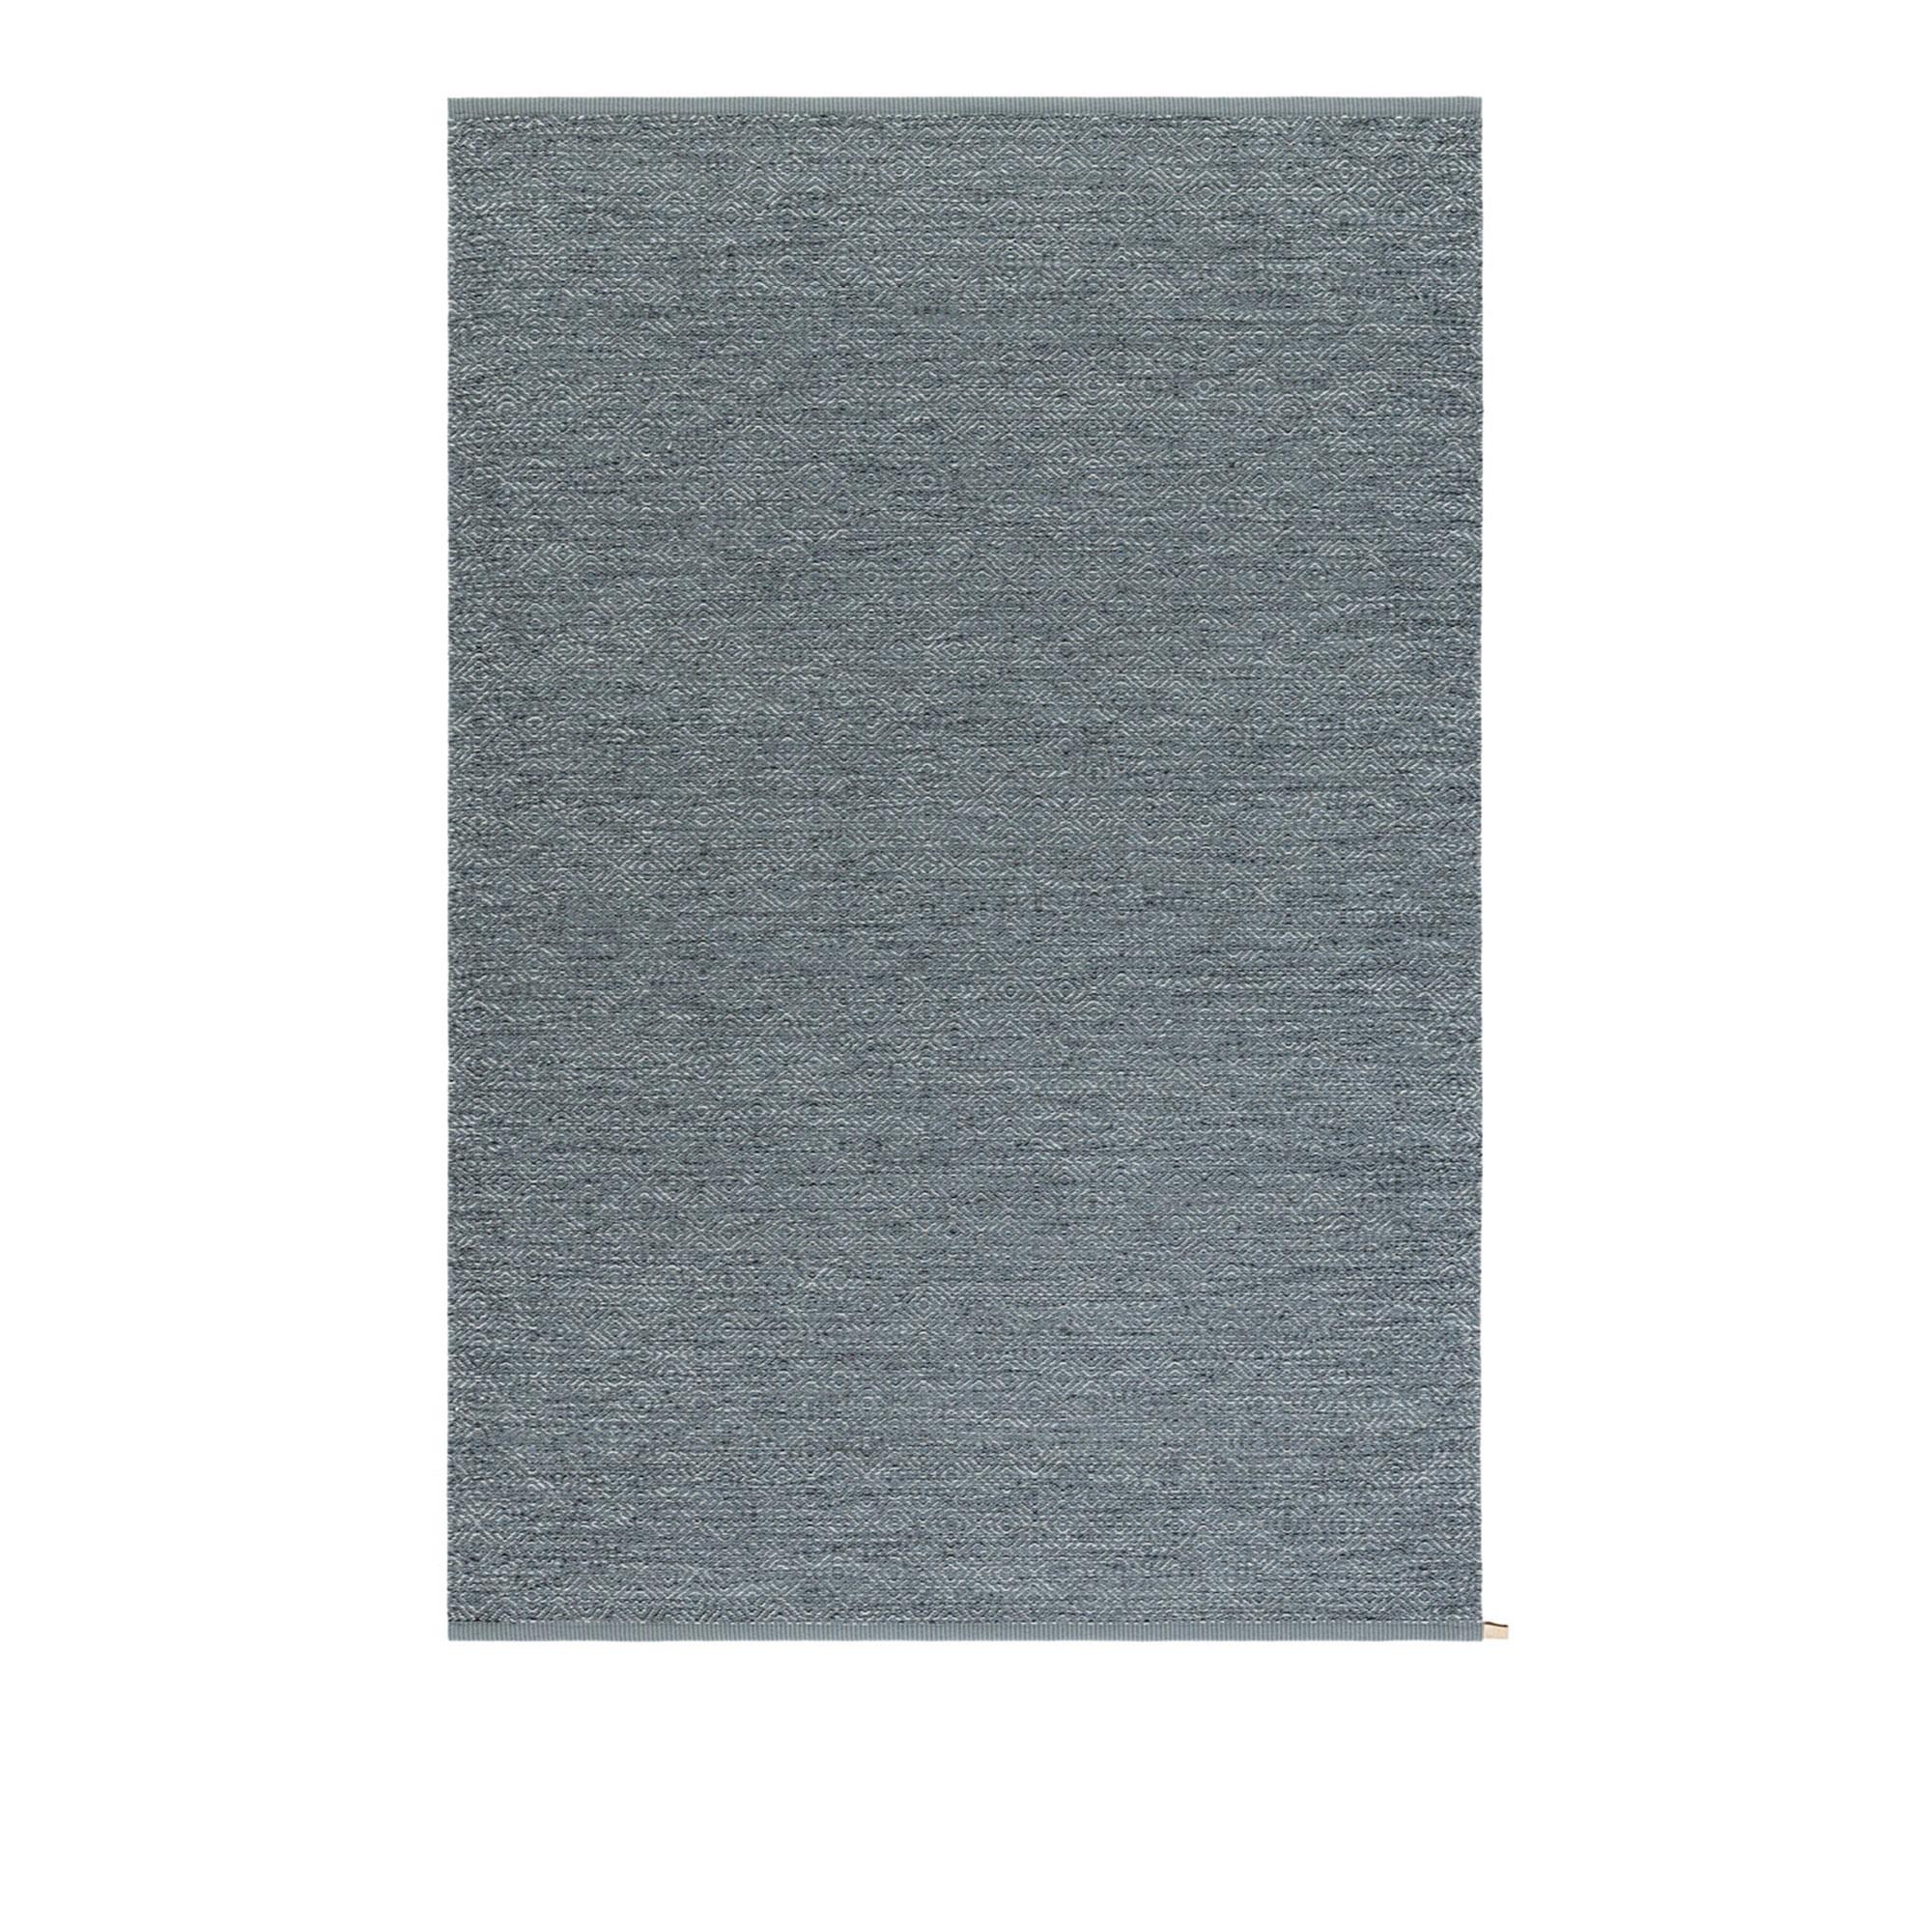 Kasthall Goose Eye Icon mattor med gåsöga ett klassiskt och tidlöst mönster